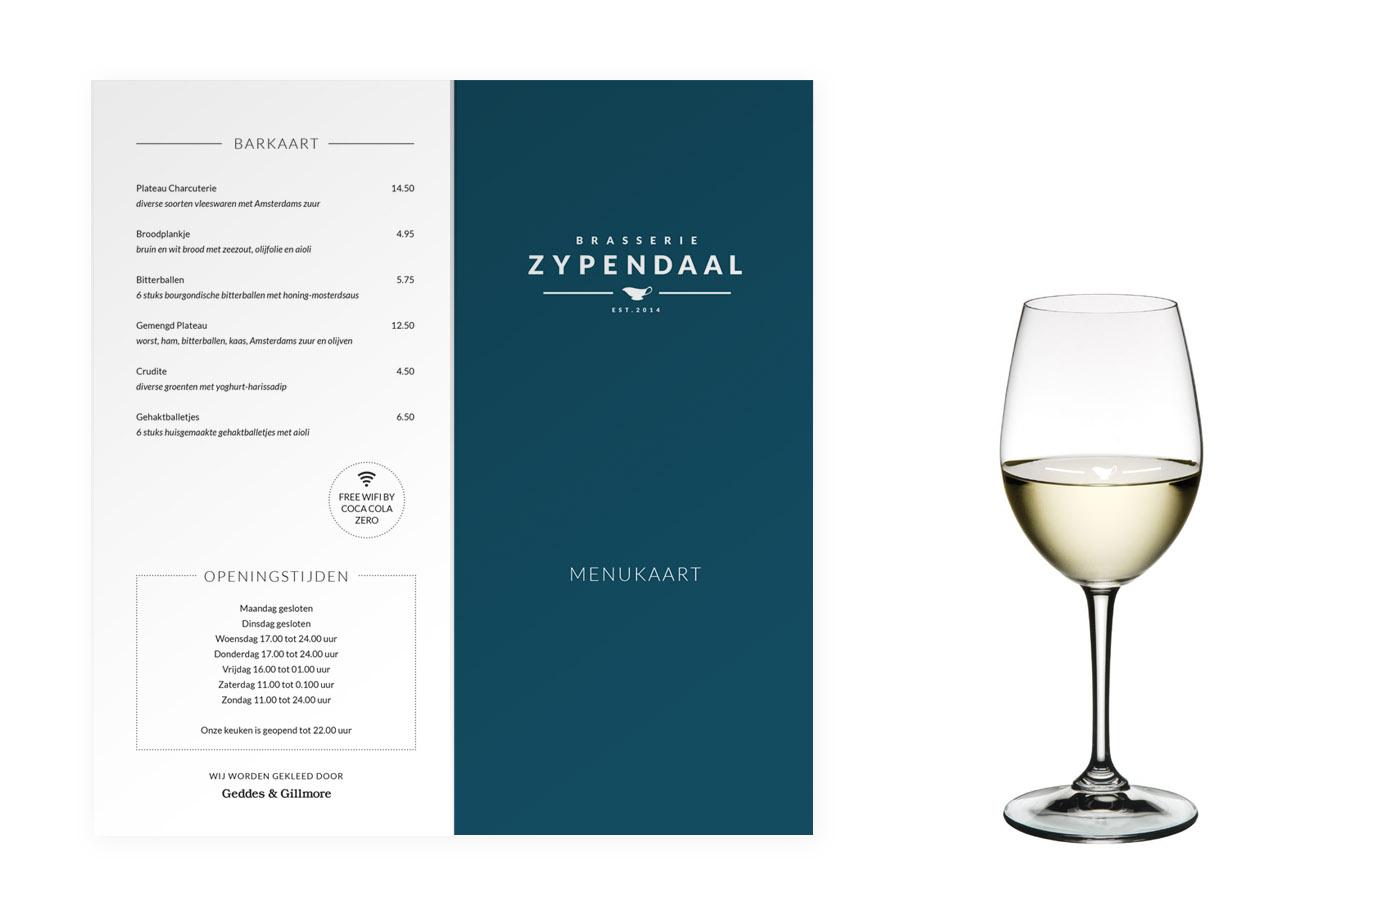 Kaart Brasserie Zypendaal